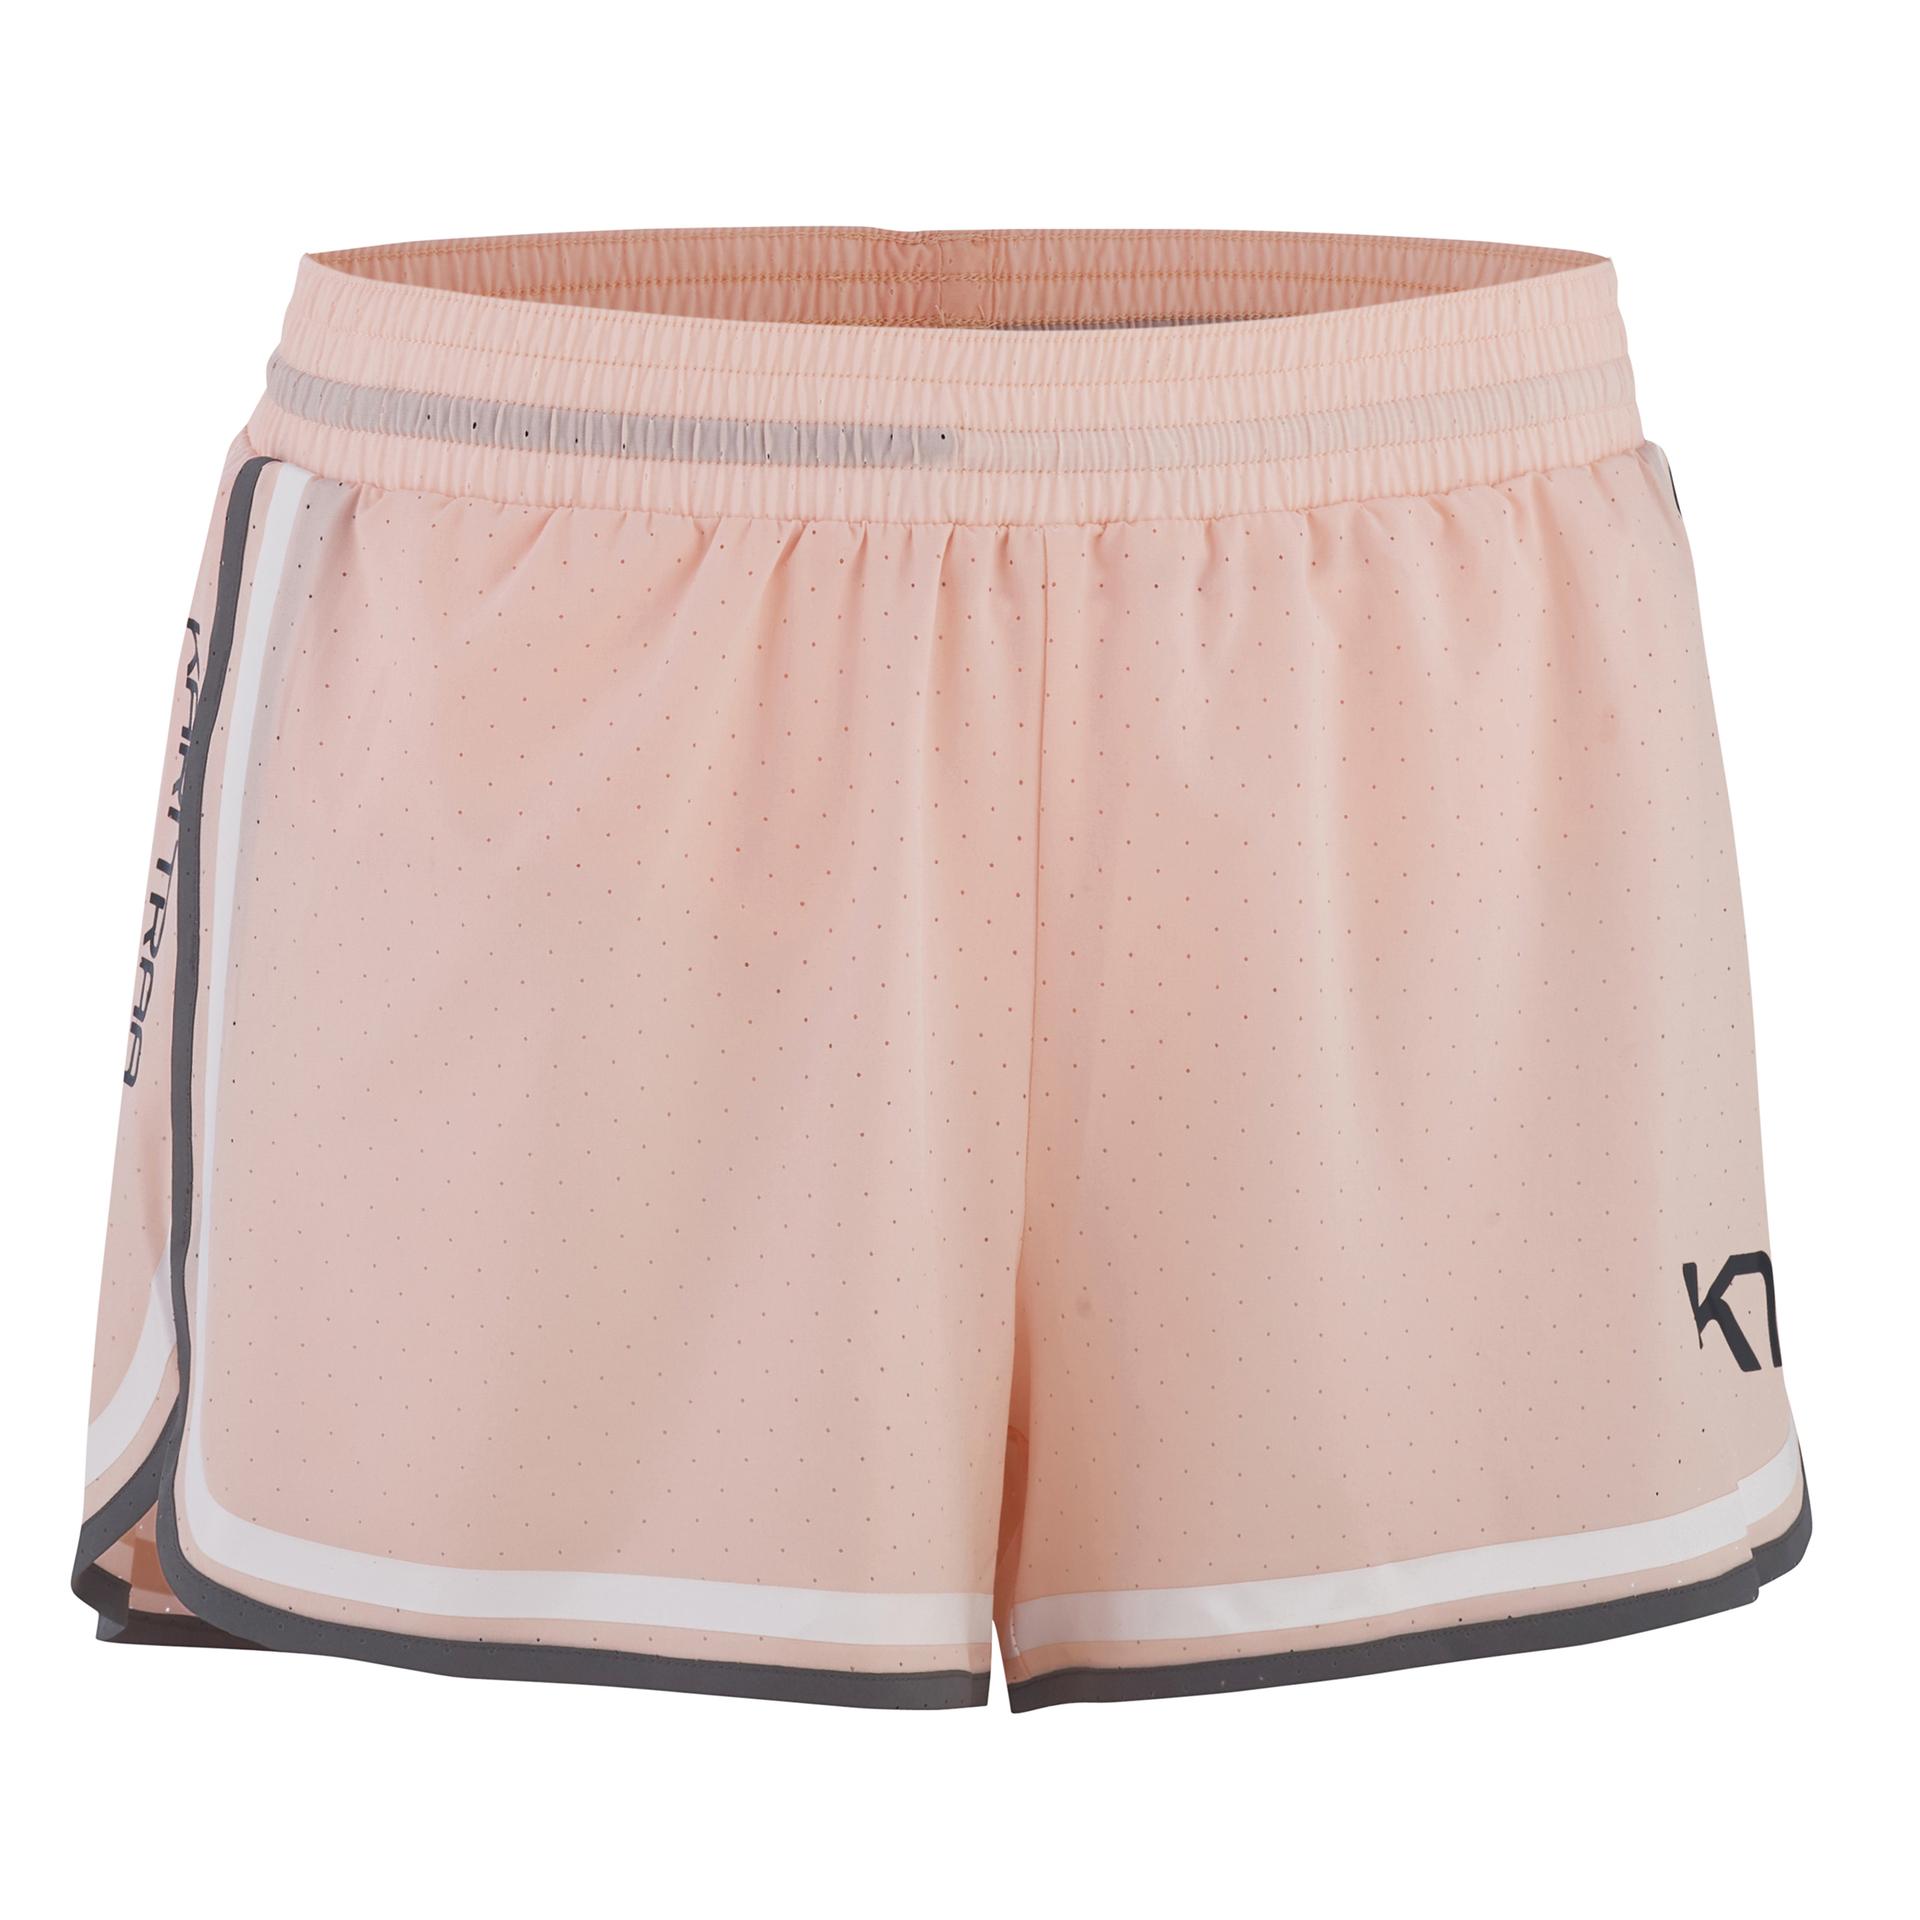 Kari Traa Elisa shorts